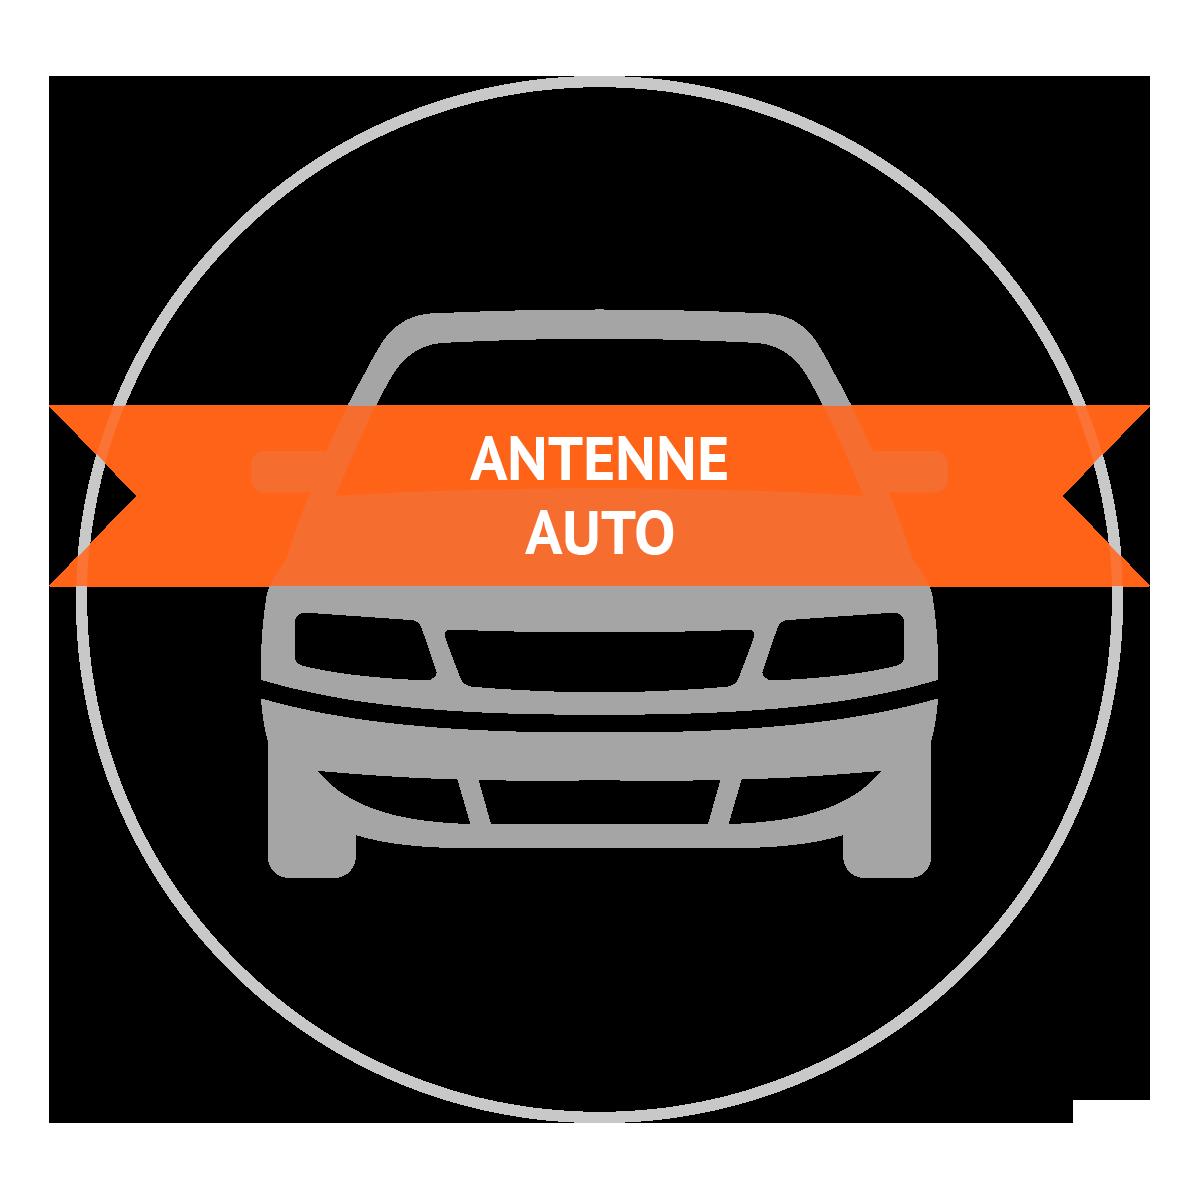 antenne-auto-ico